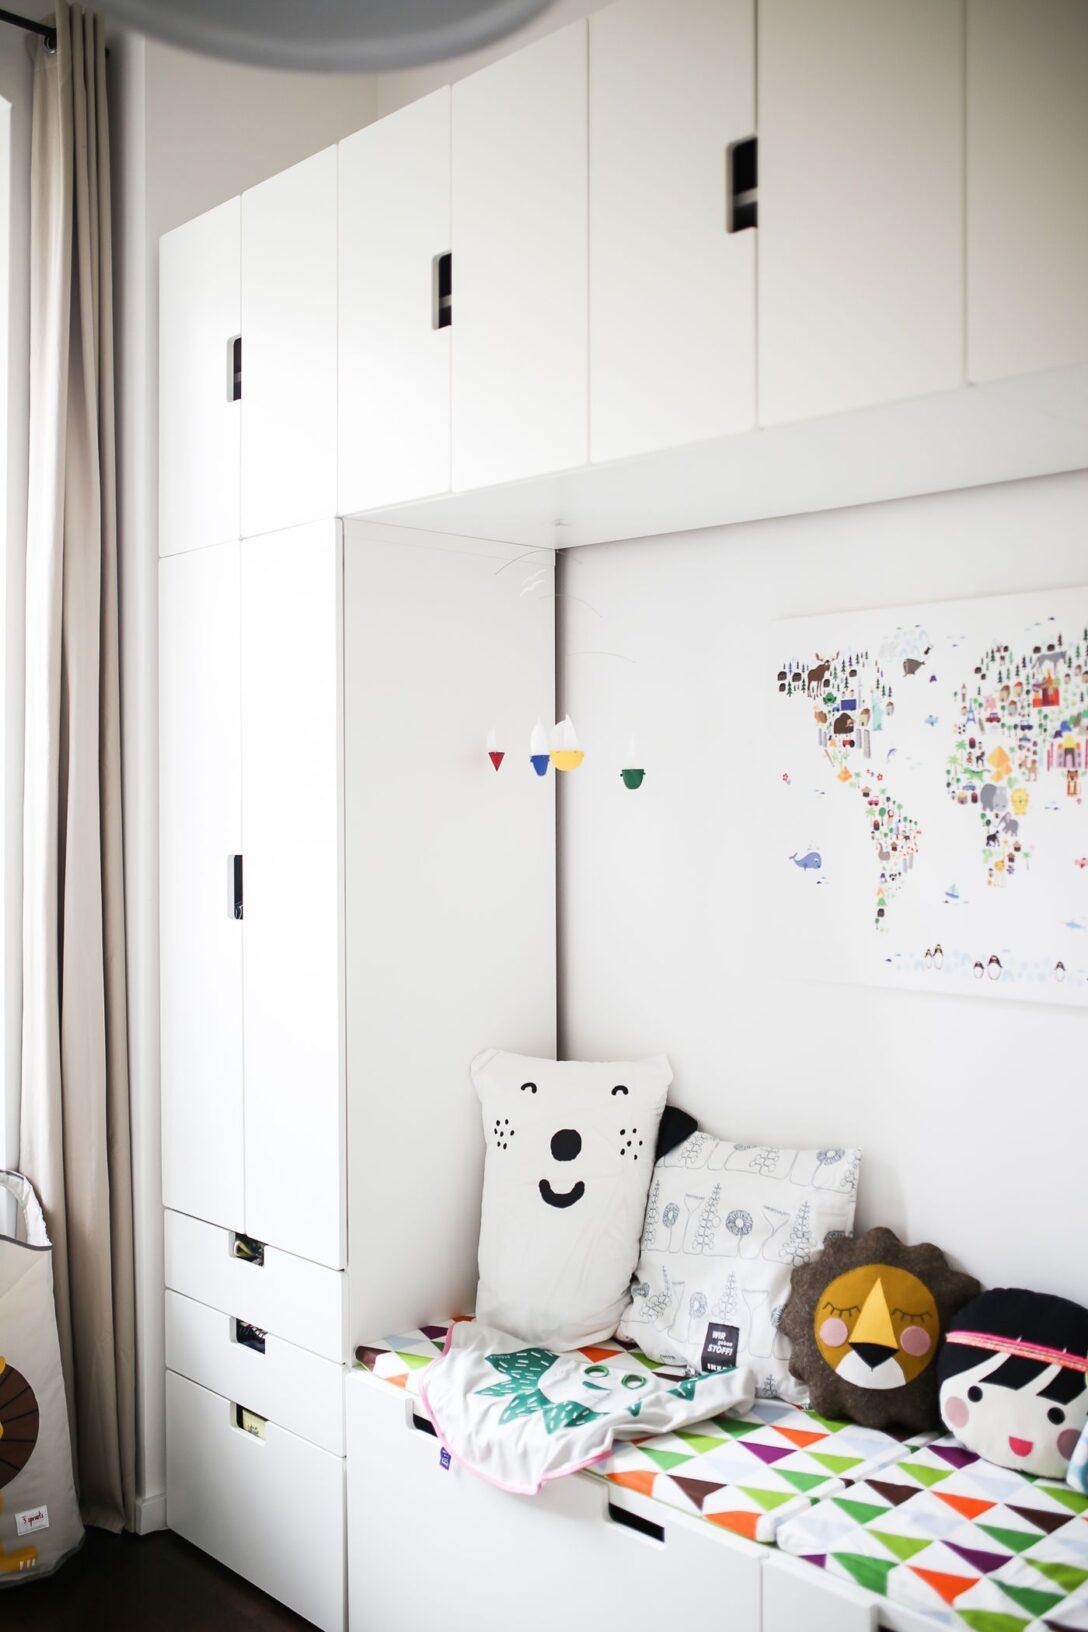 Large Size of Aufbewahrungsboxen Kinderzimmer Ideen Fr Stauraum Und Aufbewahrung Im Sofa Regal Weiß Regale Kinderzimmer Aufbewahrungsboxen Kinderzimmer